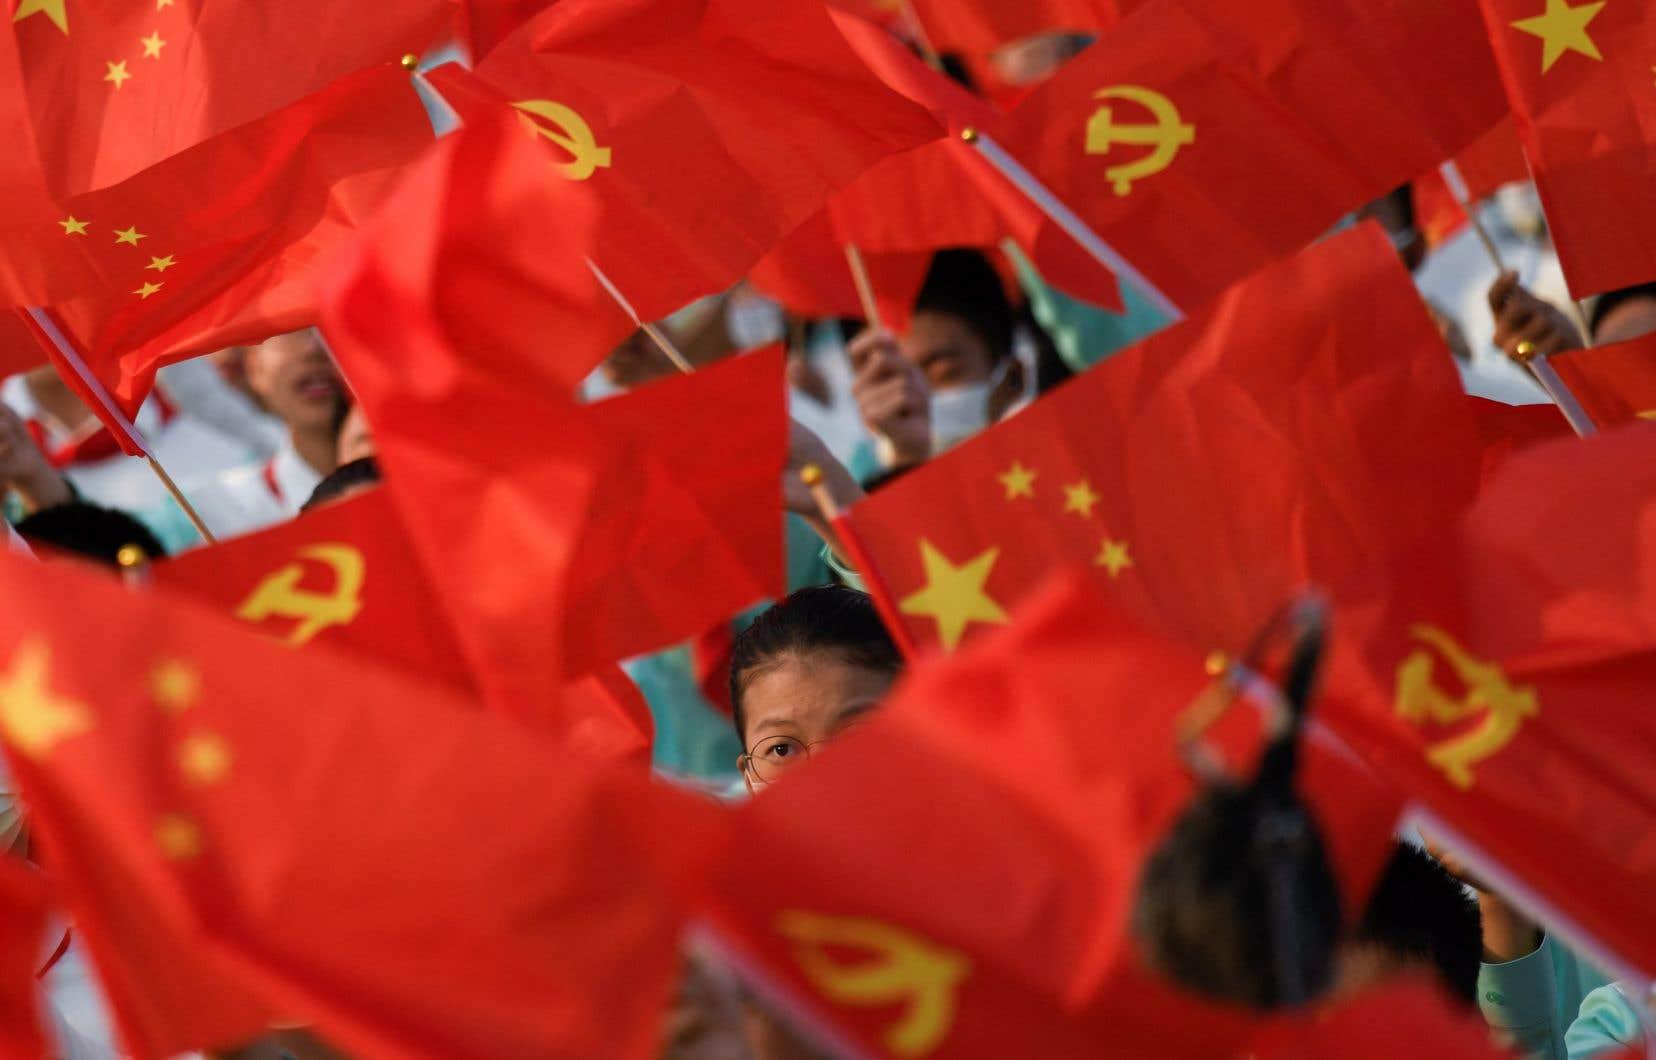 Dans la vingtaine de pages portant sur les relations d'un futur gouvernement conservateur avec le reste du monde, une trentaine de références sont consacrées à la Chine, au Parti communiste chinois, à la population chinoise, au combat contre la «tyrannie» chinoise.